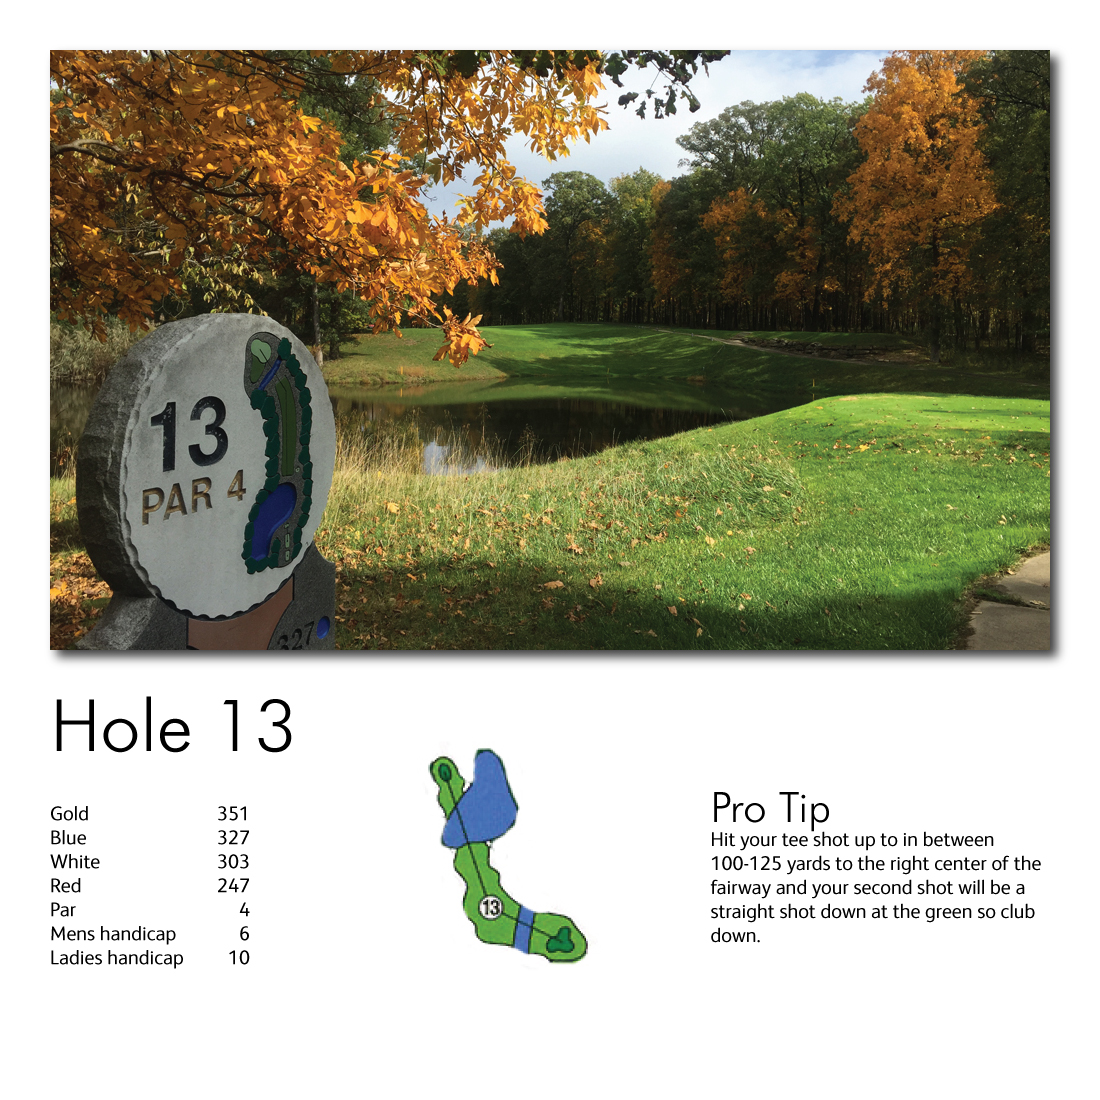 Hole-13-web-image.jpg